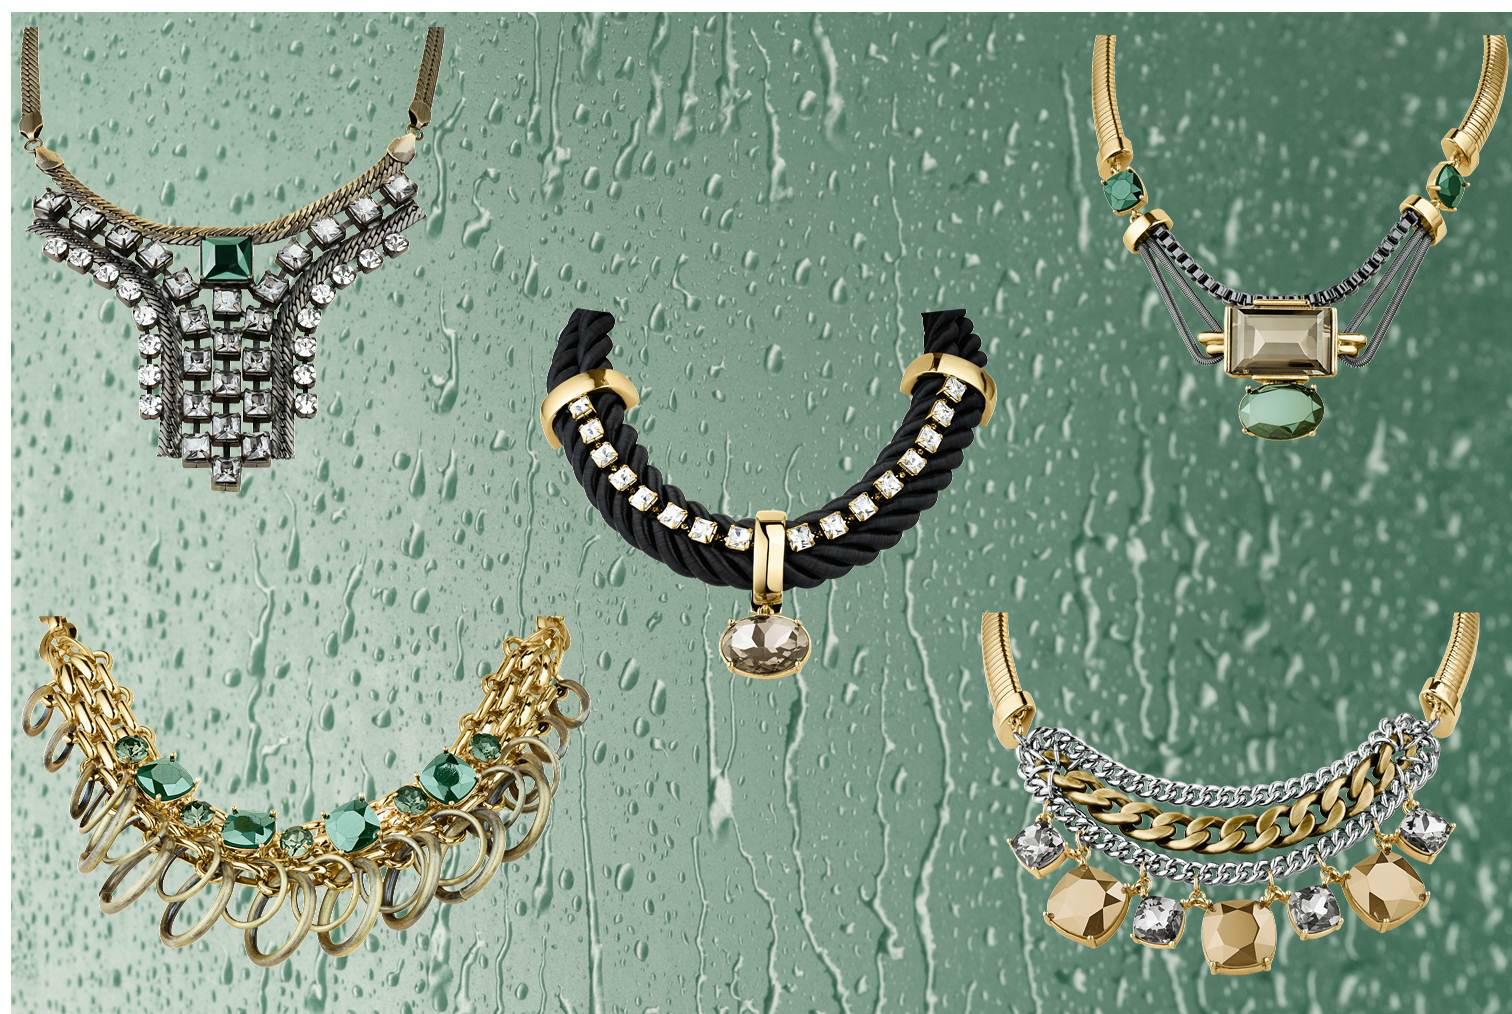 Vinn ett Designers' Limited halsband från Dyrberg/Kern